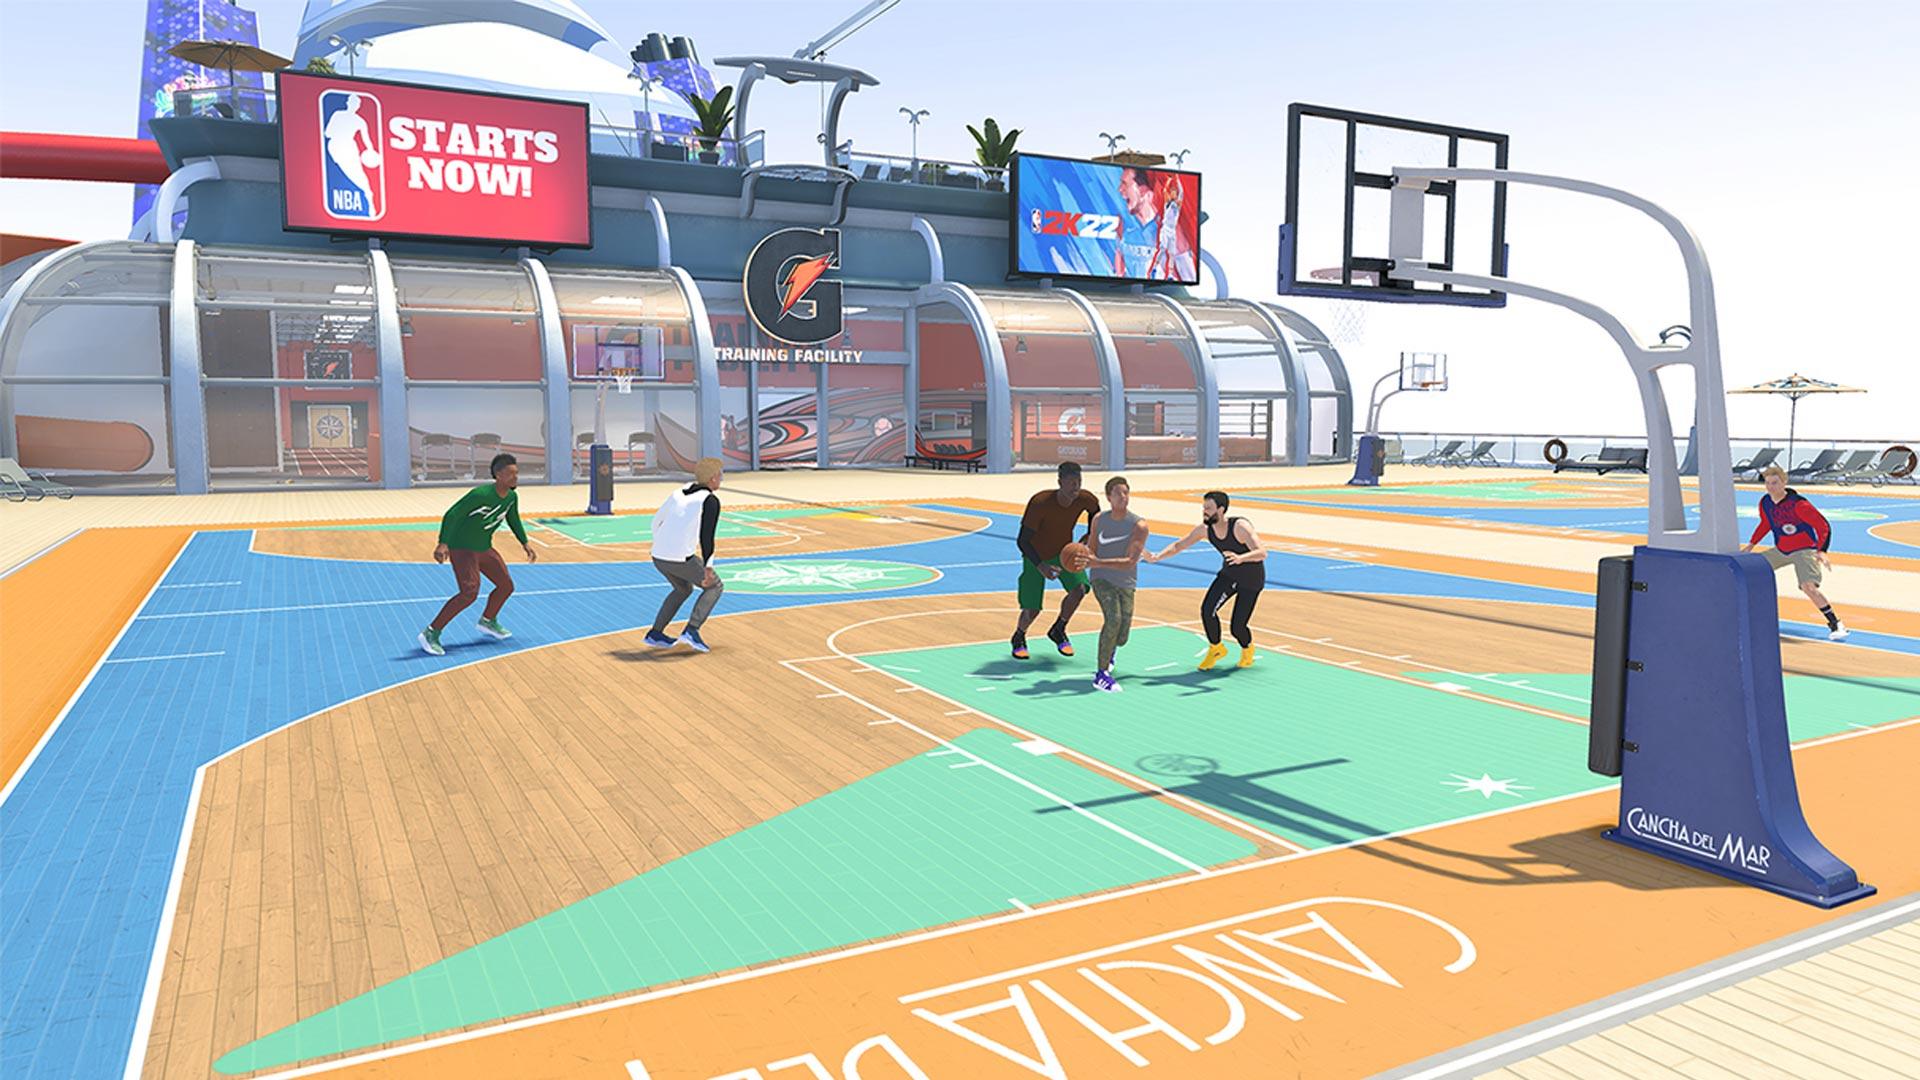 Ein Basketballspiel auf dem Deck eines Segelschiffes in NBA 2K22